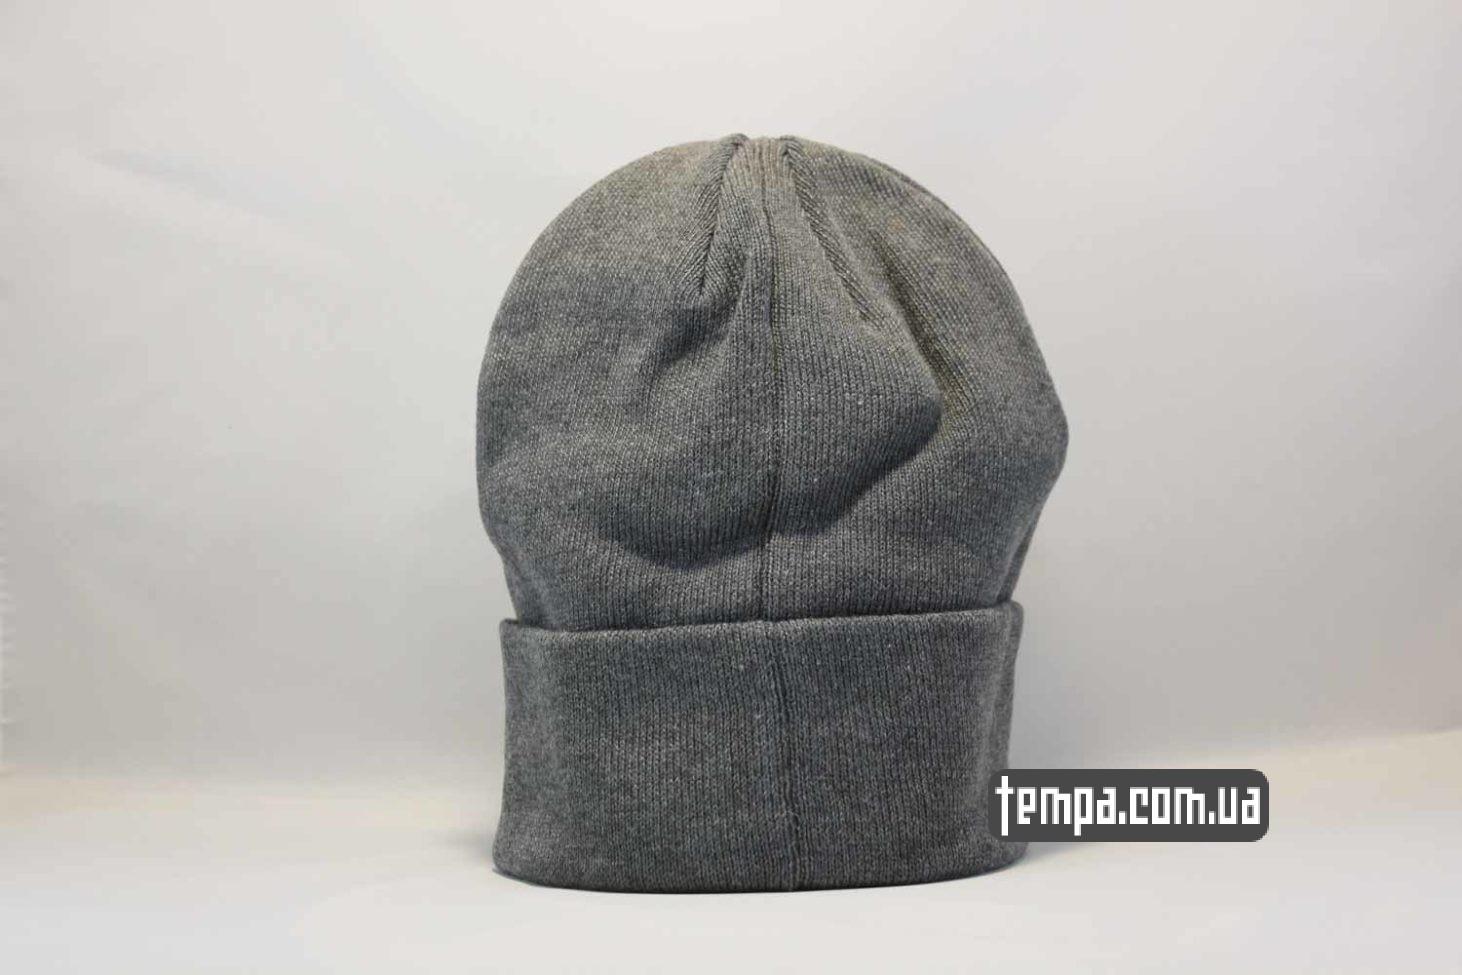 дикис купить украина шапка beanie Dickies grey серая купить Украина